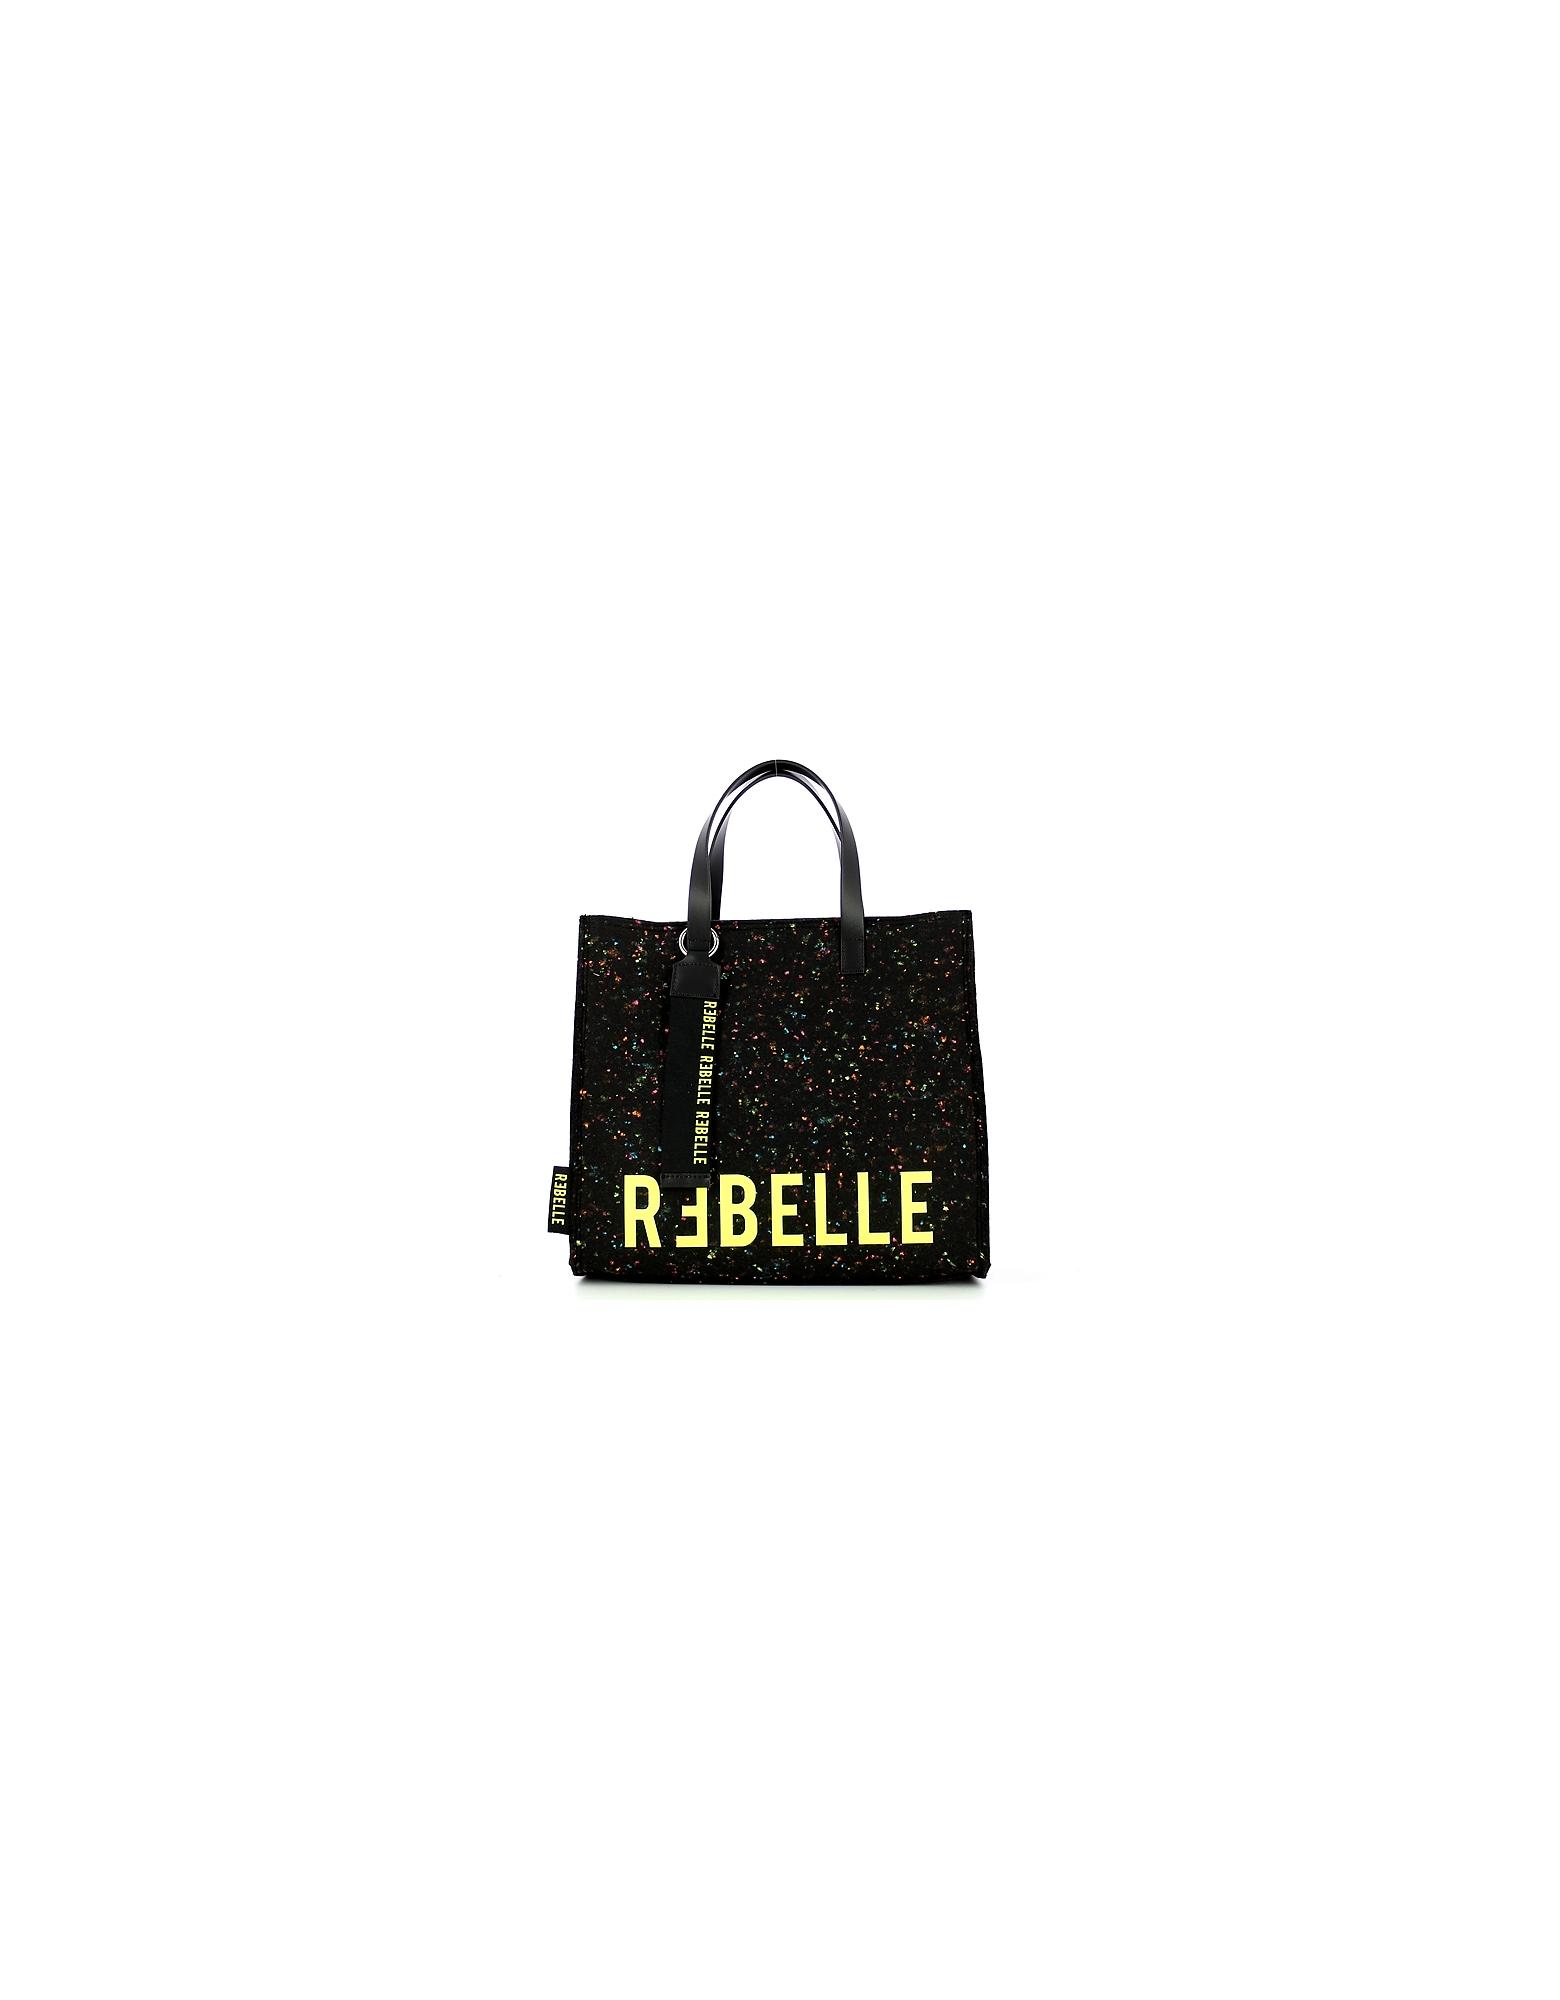 REBELLE Designer Handbags, Women's Black Bag